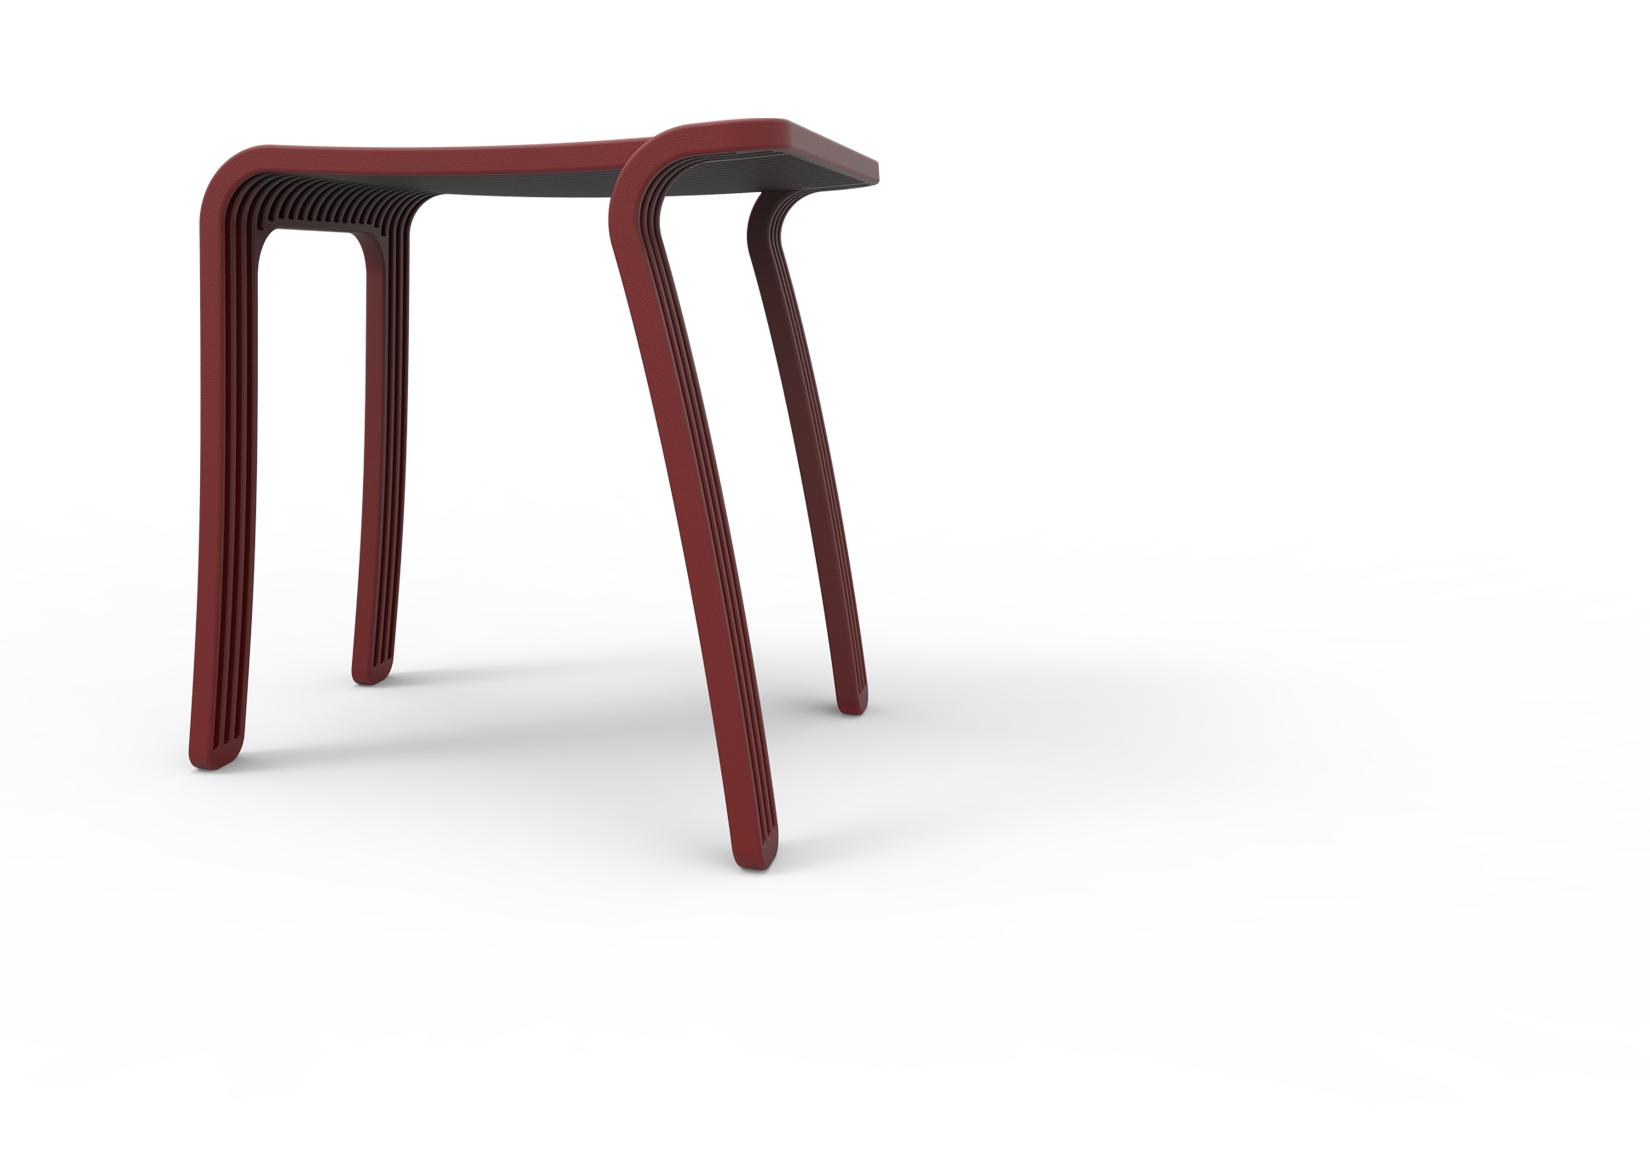 blank stool website 2.png